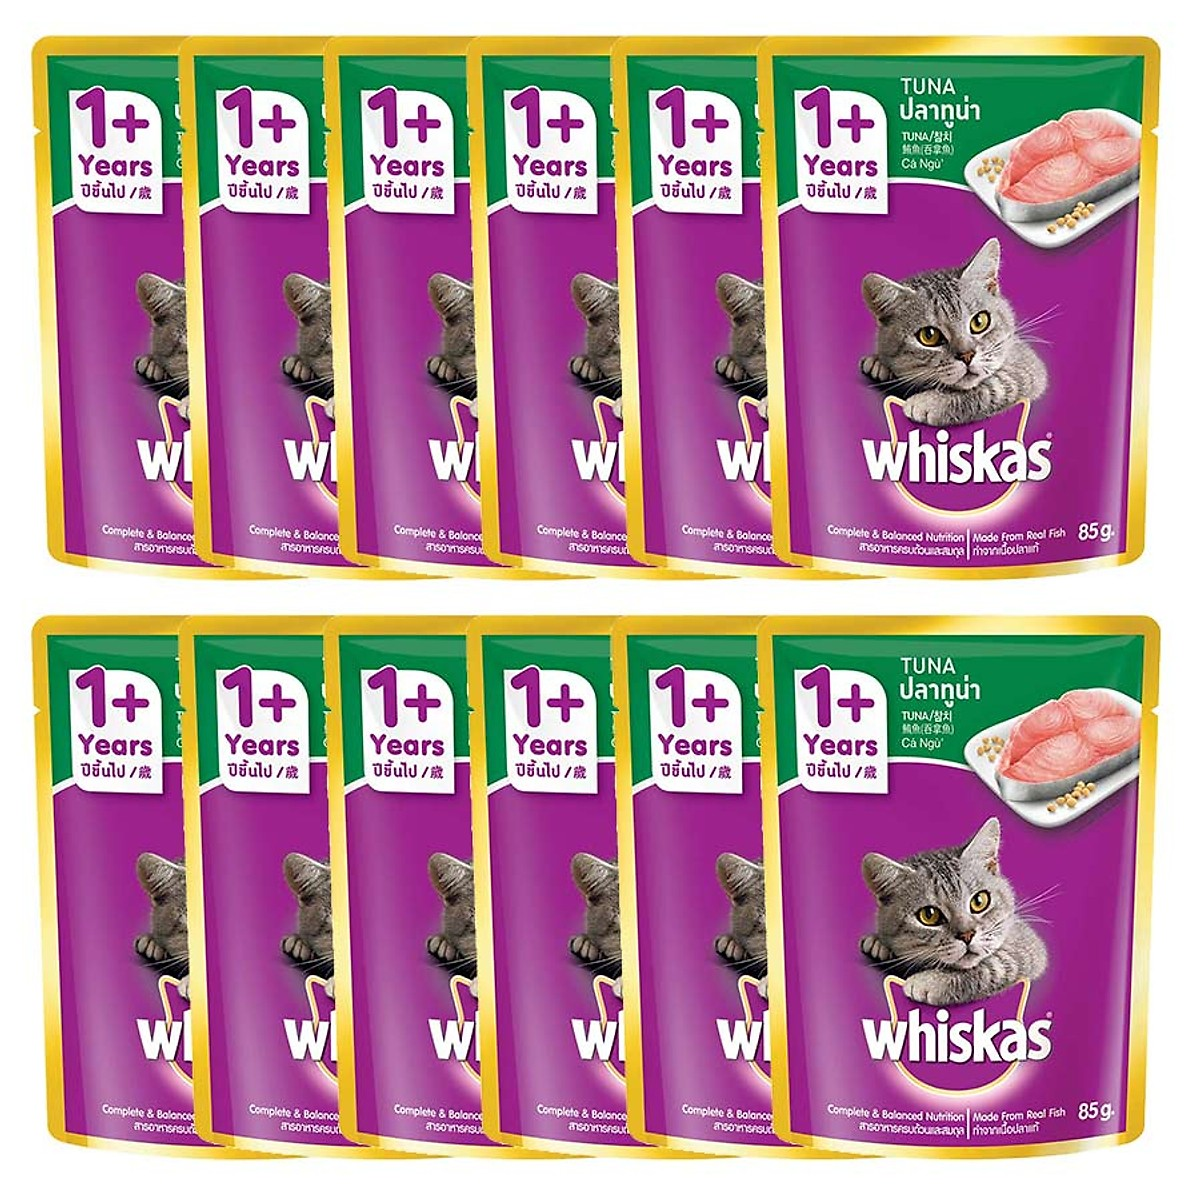 Pate Whiskas dạng sốt Cá ngừ 85g (12 gói)